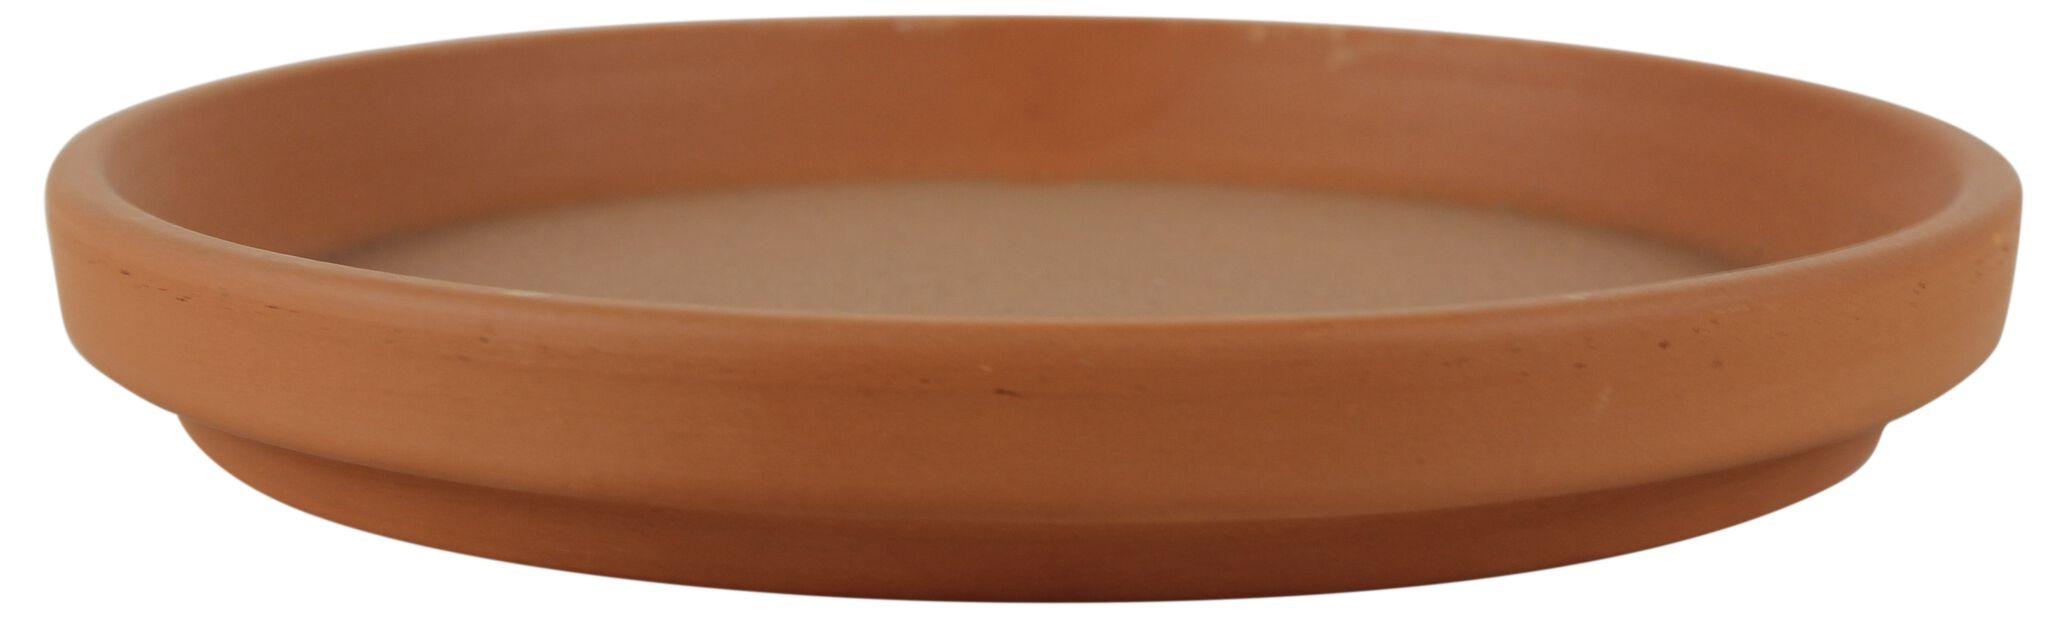 Fat lera, Ø13 cm, Terrakotta